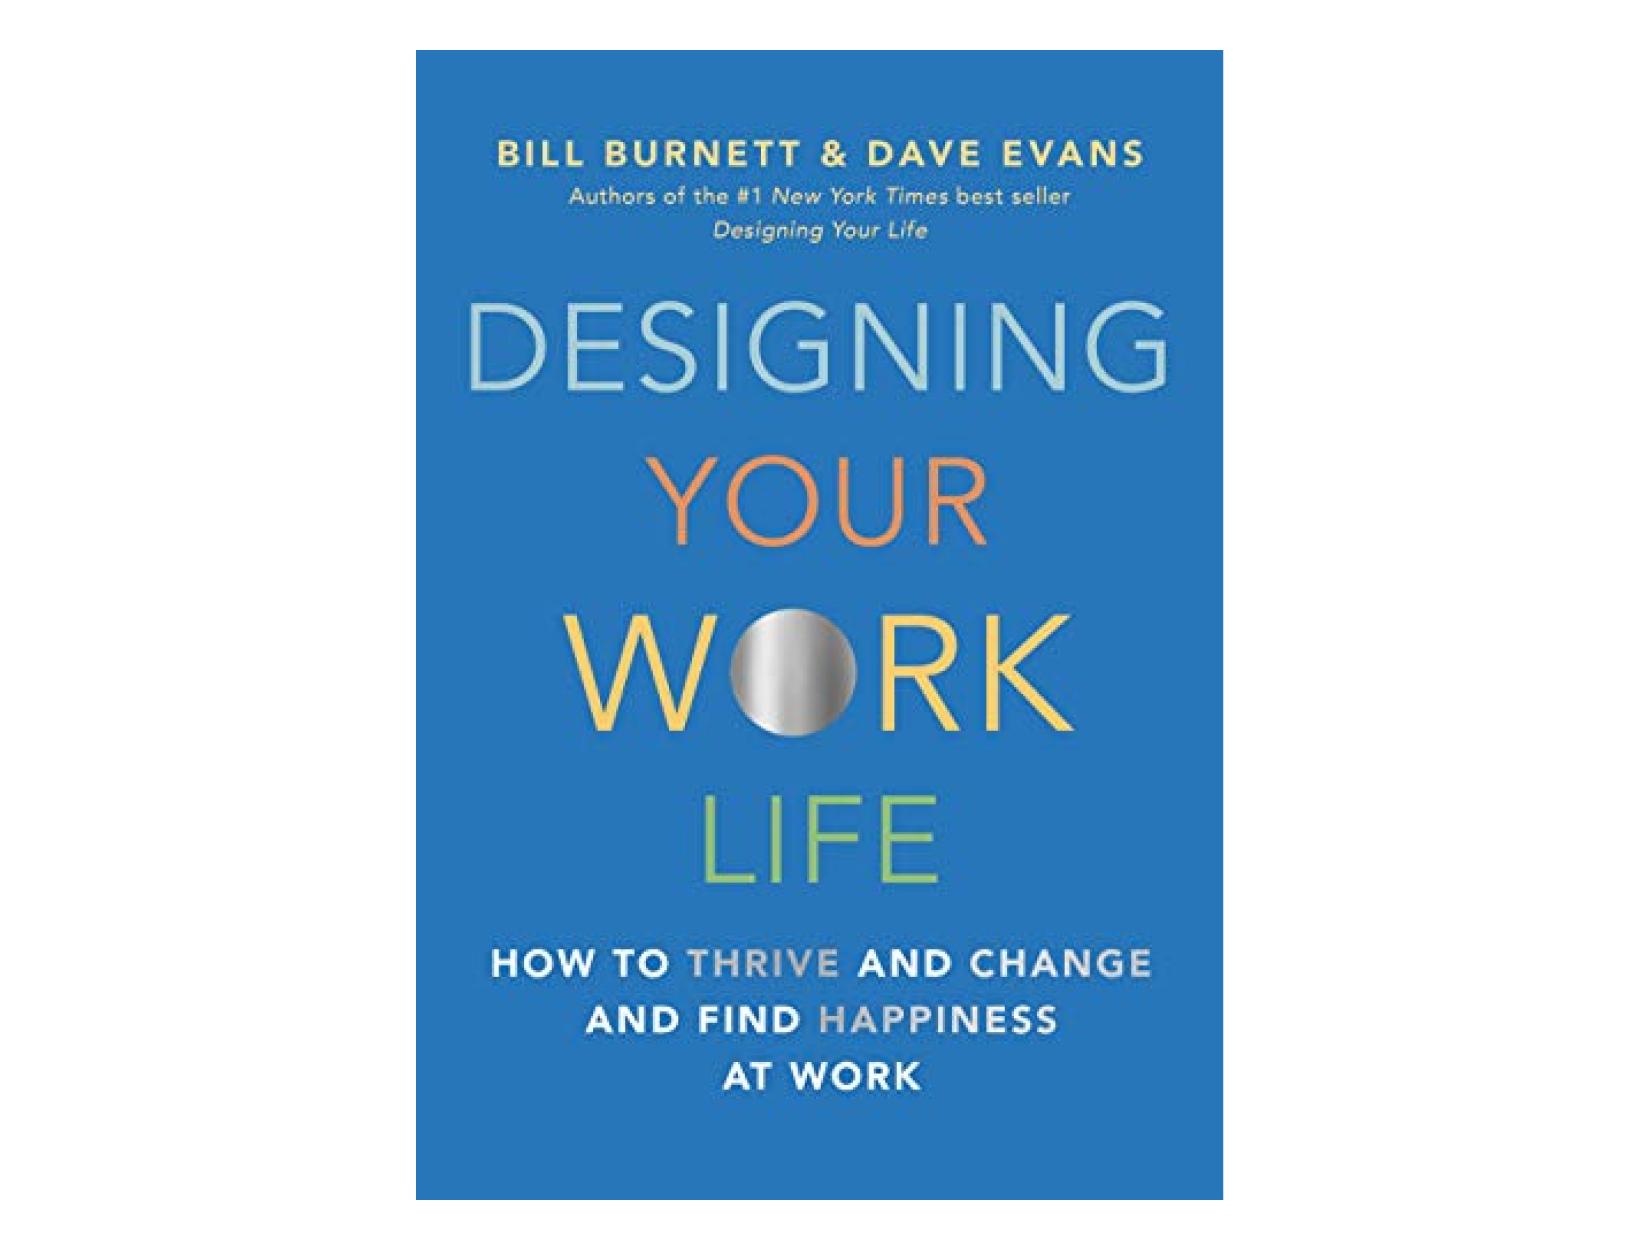 <em>Designing Your Work Life</em> <br>by Bill Burnett and Dave Evans